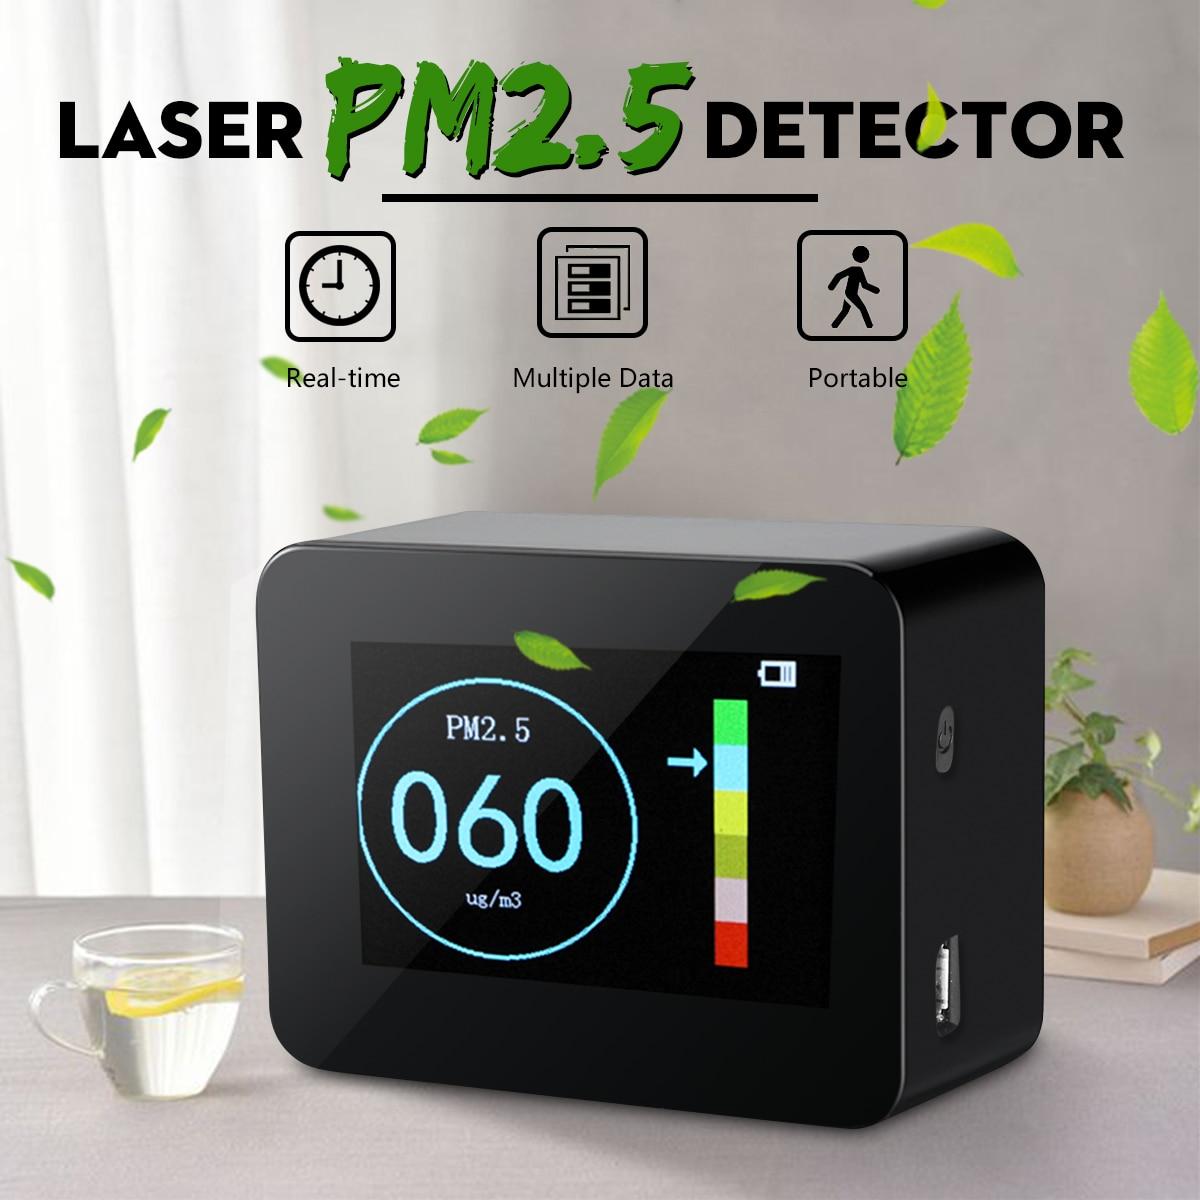 Digital portátil pantalla PM2.5 Detector Sensor de láser precisa casa Monitor de calidad de aire comprobador de batería de ion de litio herramientas de diagnóstico